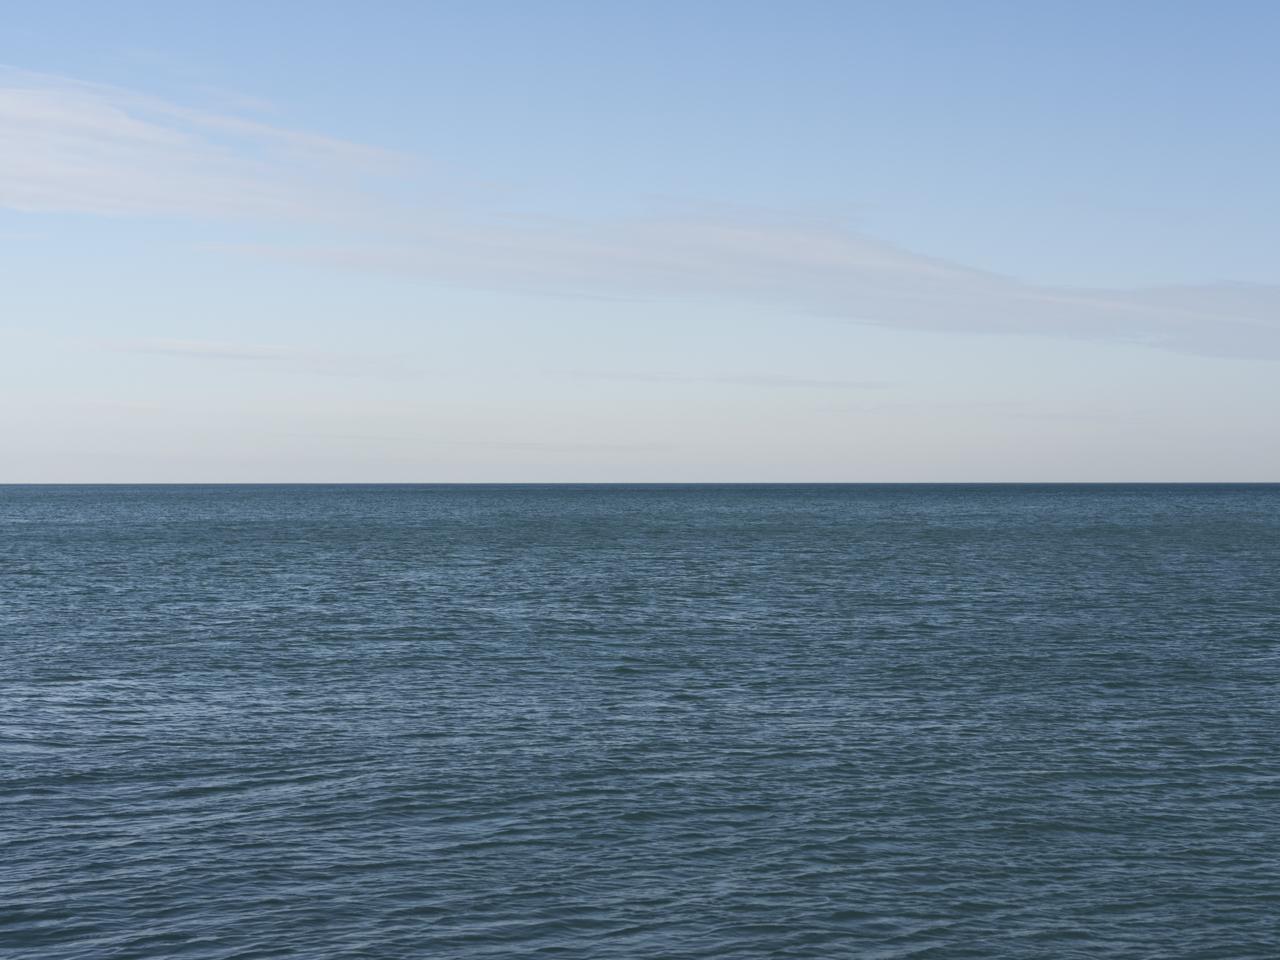 Lake Michigan, January 2nd, 2020 (1)